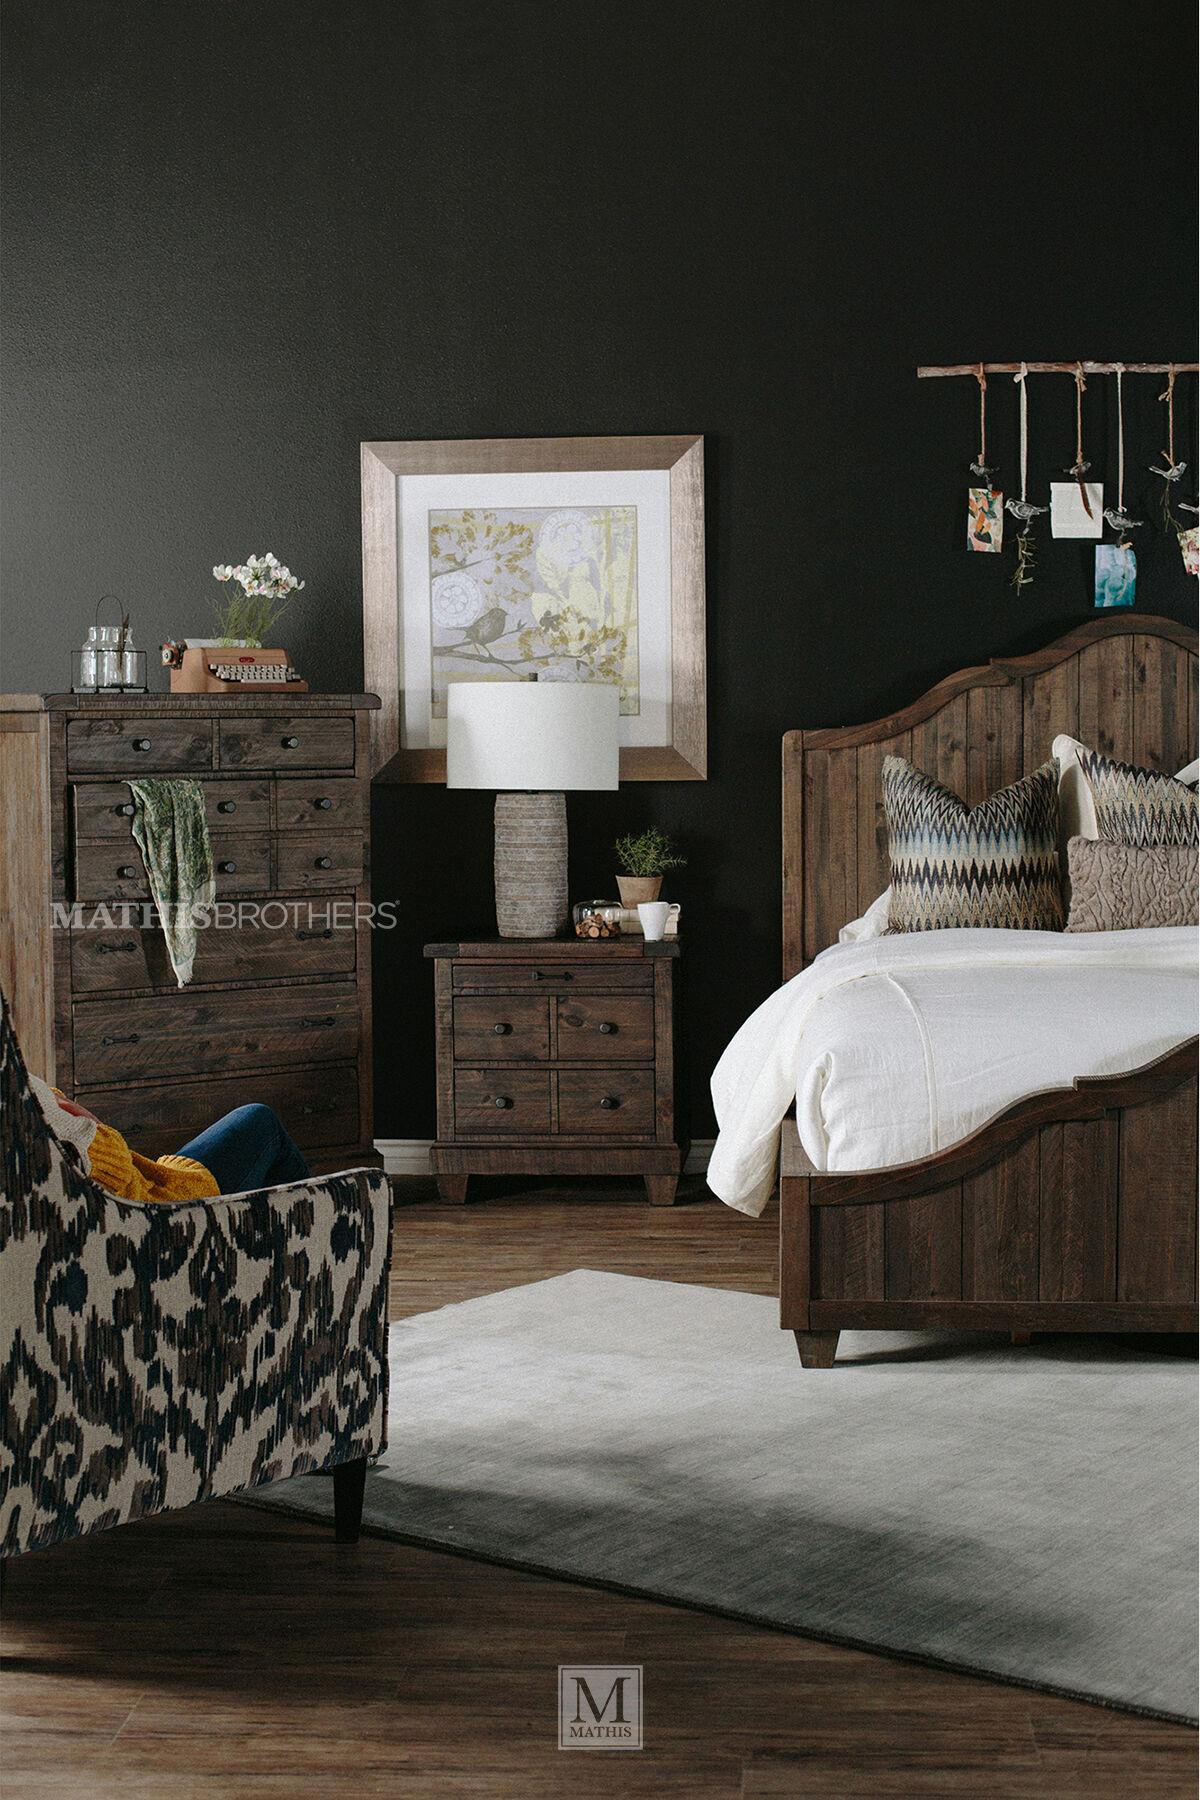 magnussen home brenley suite magnussen home brenley suite - Magnussen Furniture